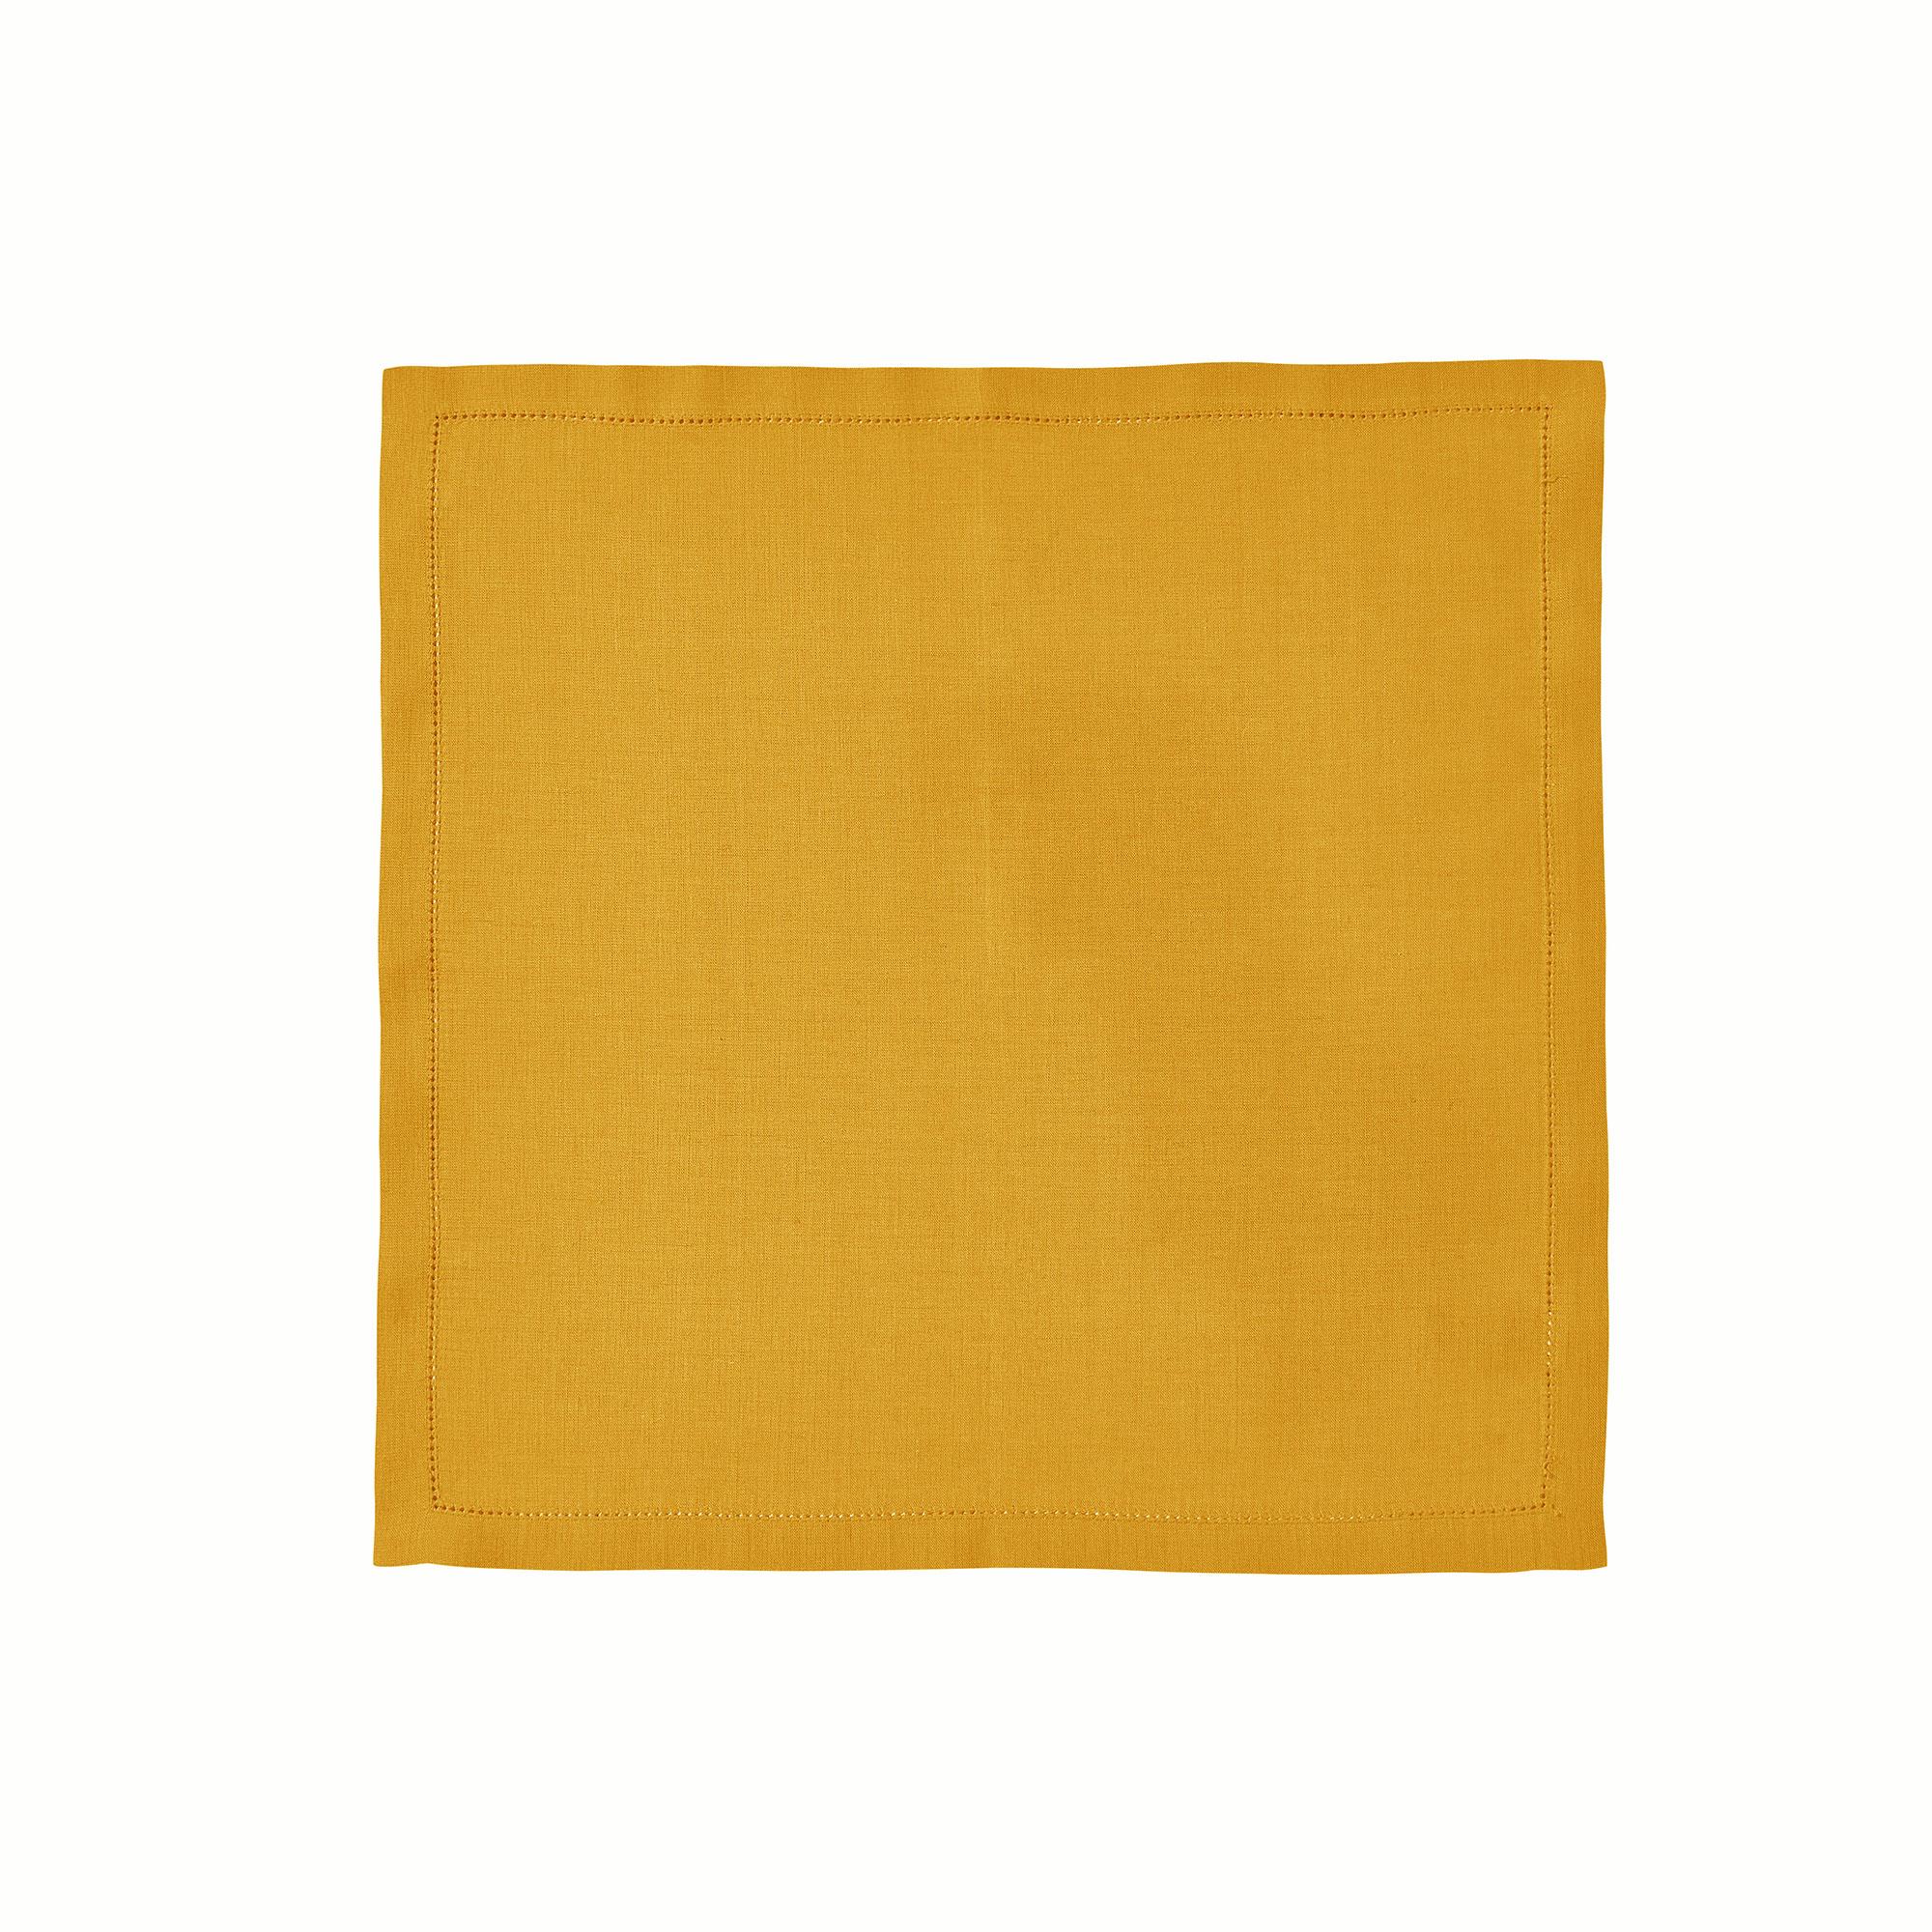 Serviette de table en lin jaune 45x45